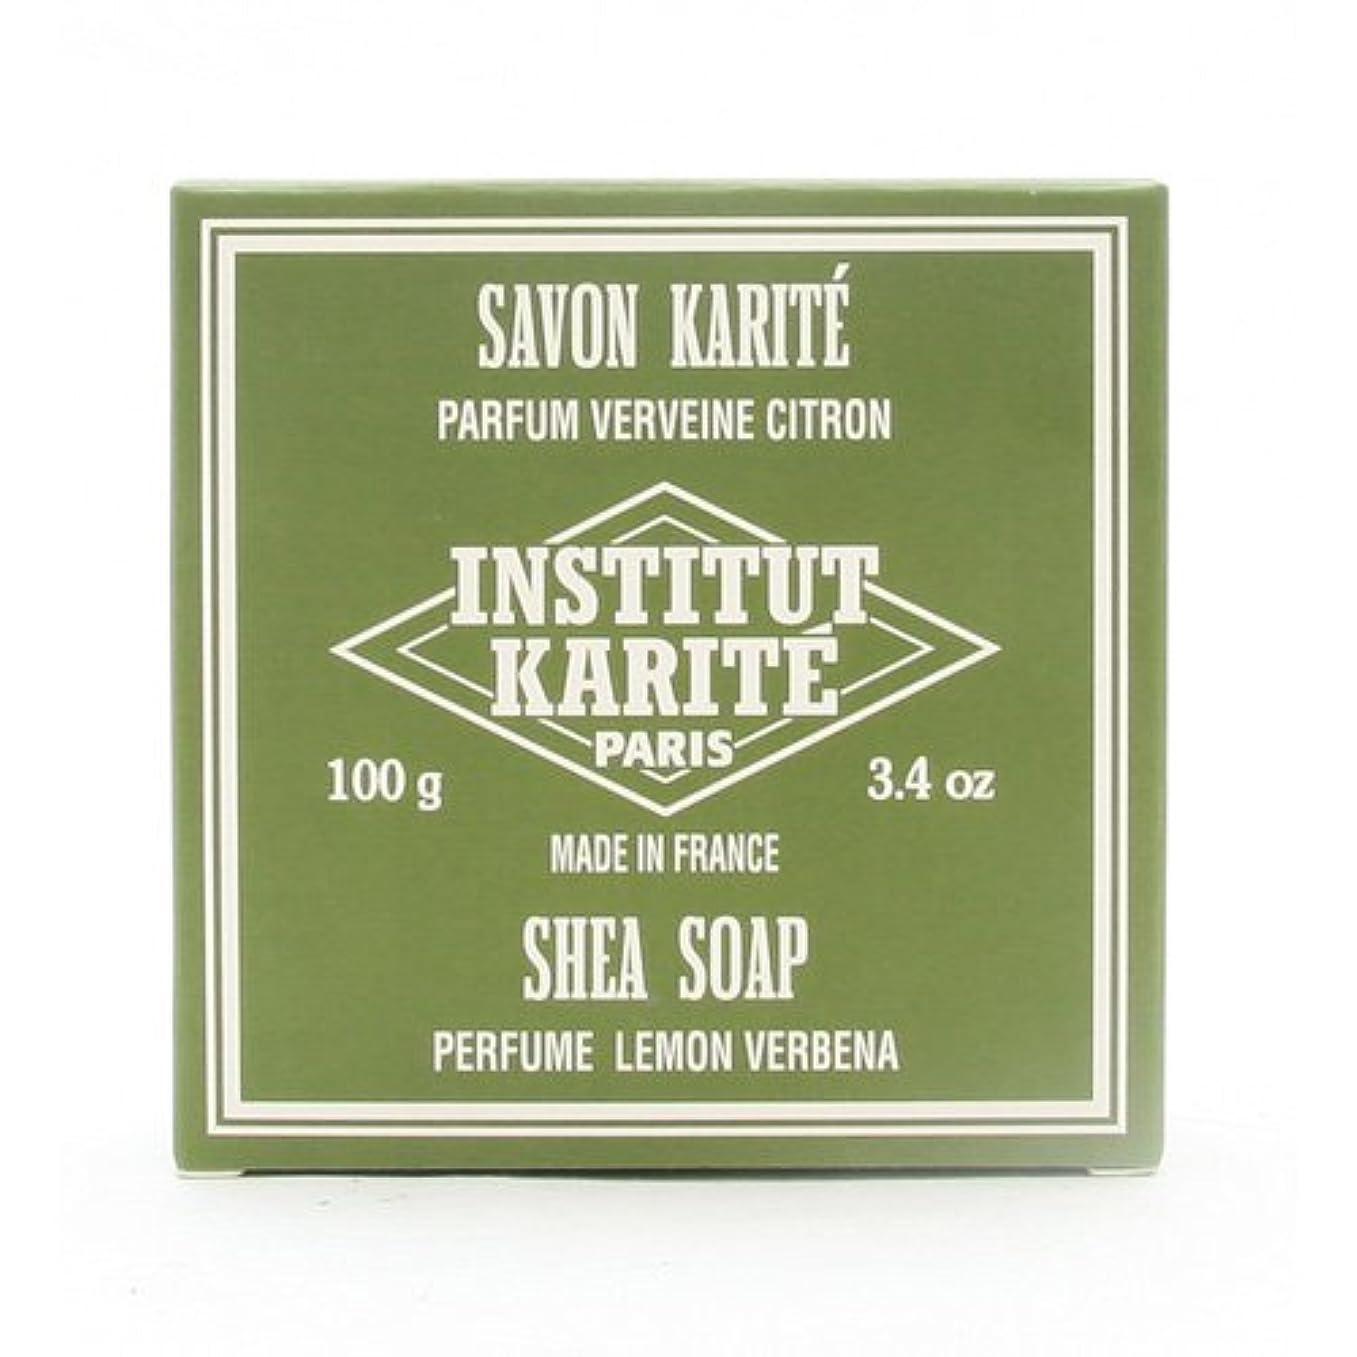 印象的水っぽい必需品INSTITUT KARITE インスティテュート カリテ 25% Extra Gentle Soap ジェントルソープ 100g Lemon Vervenaレモンバーベナ